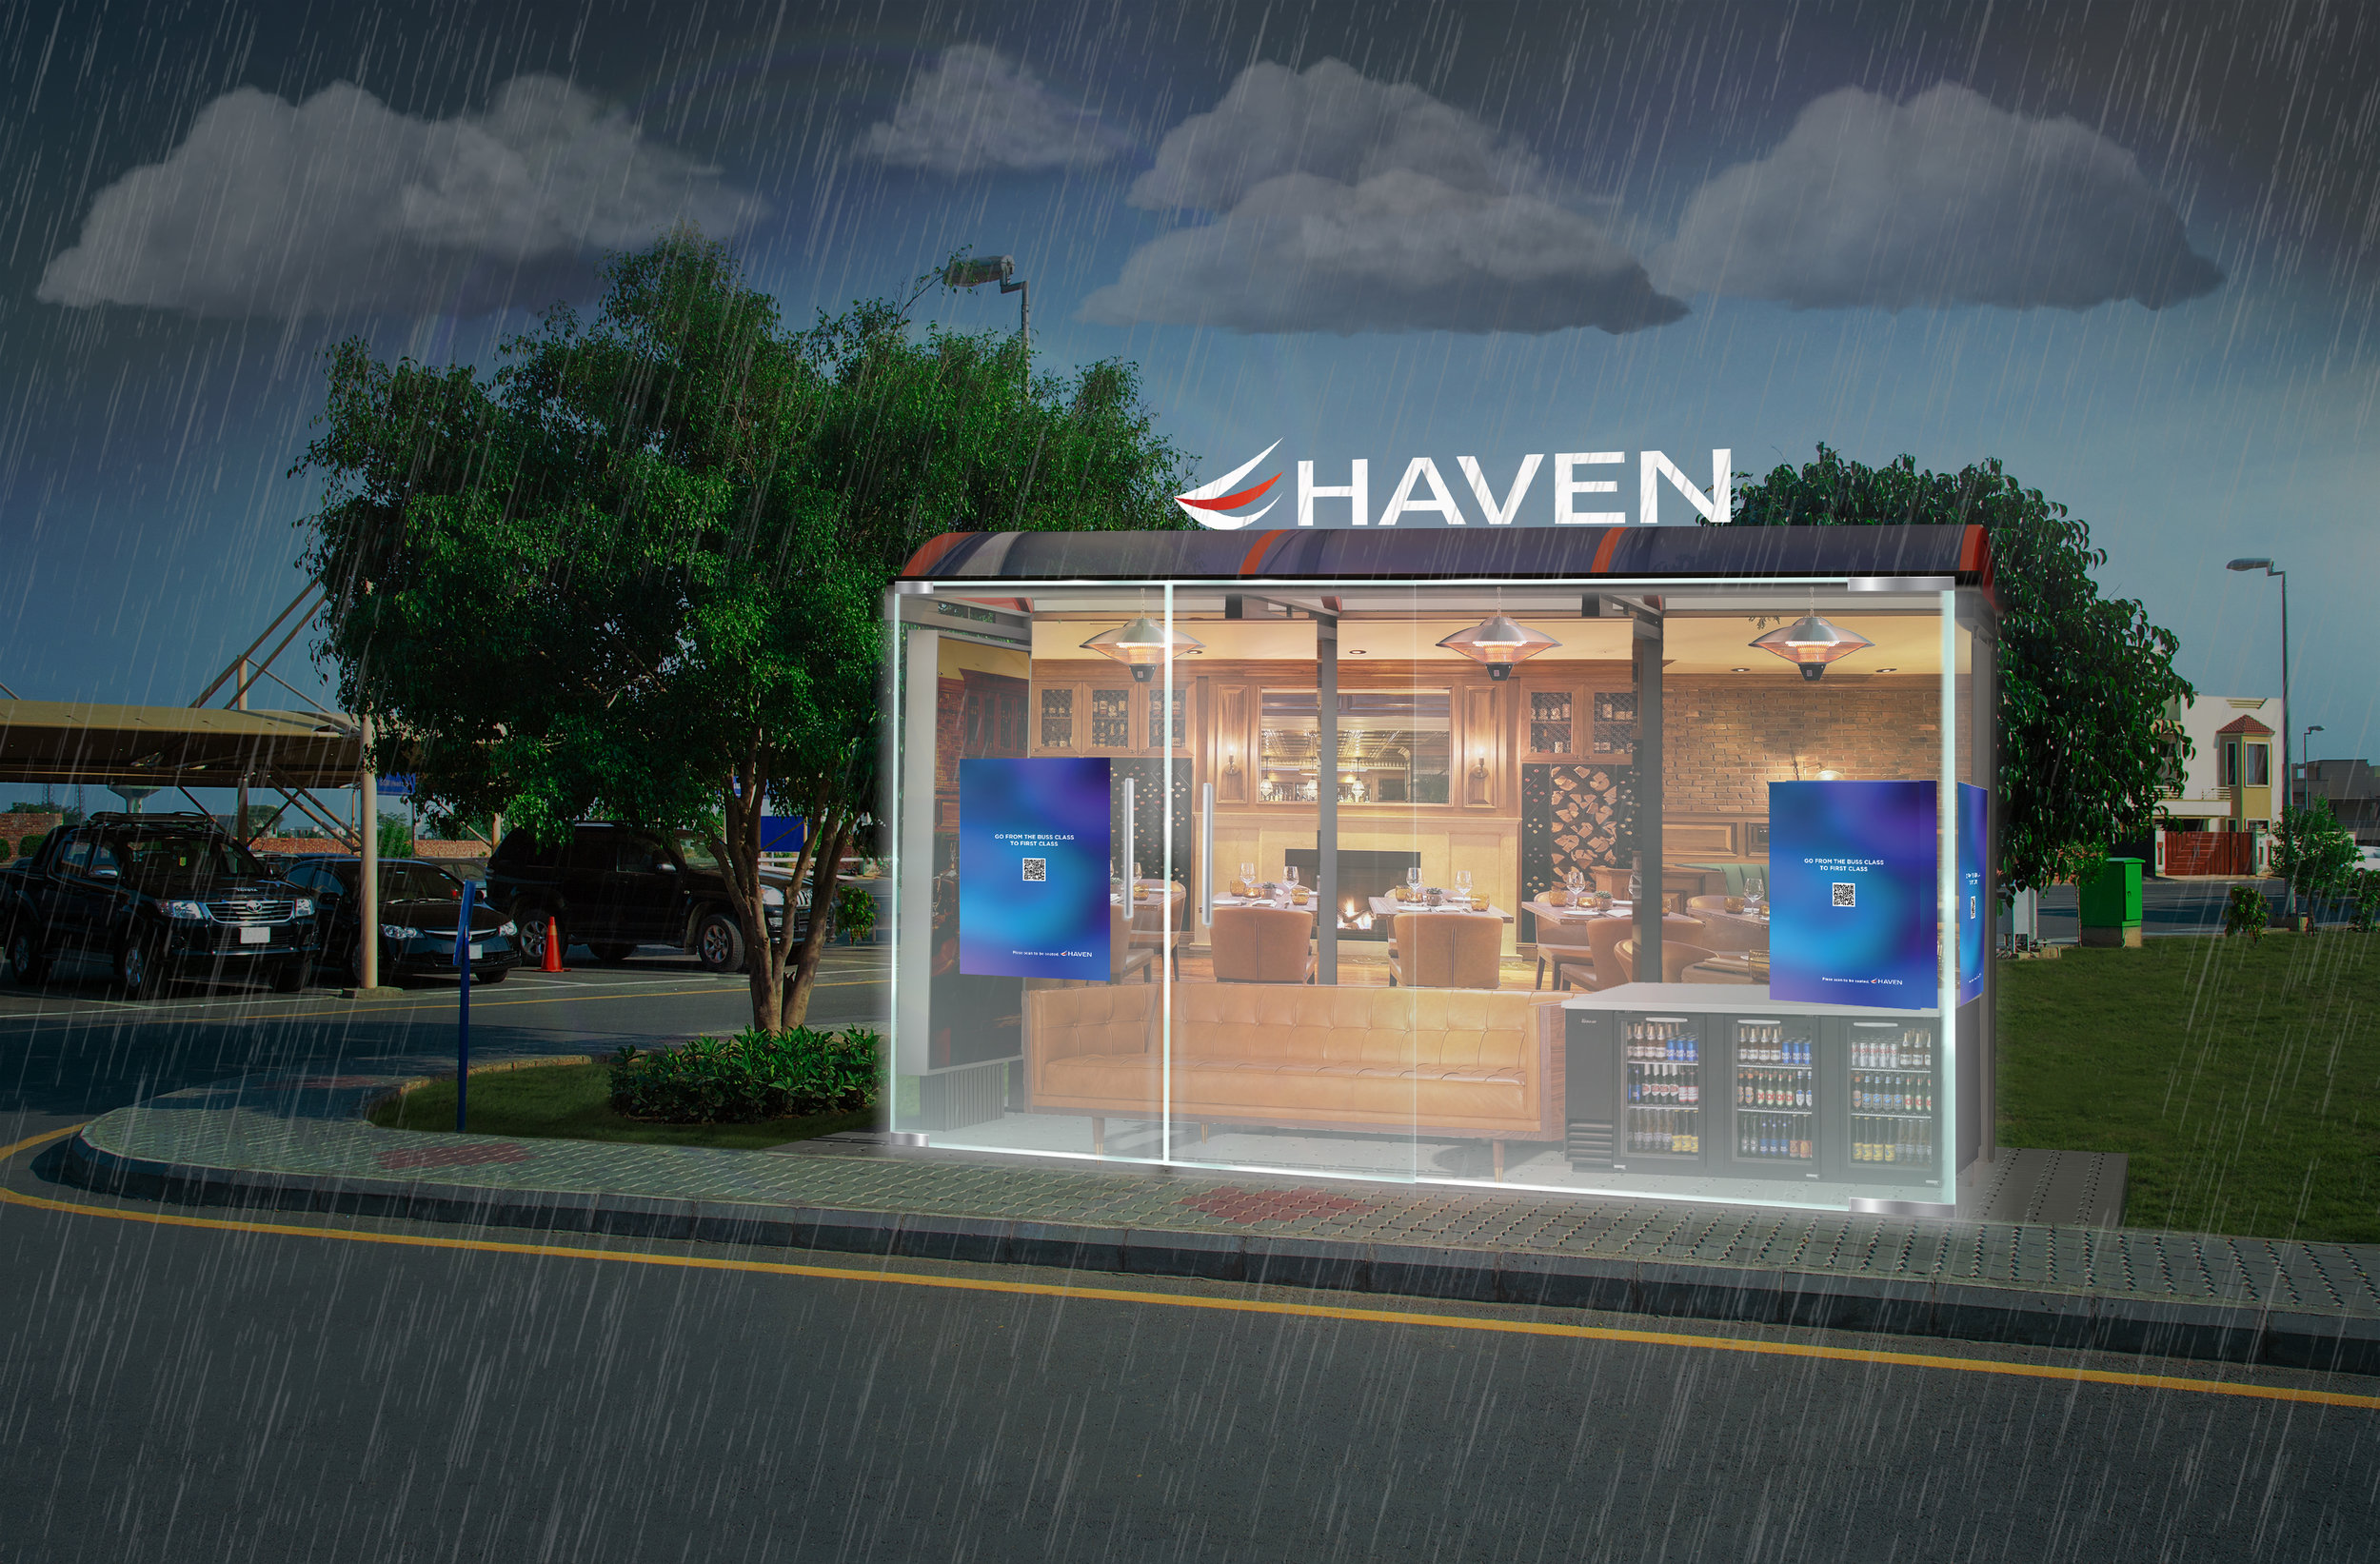 HAVEN_ambient_2-2.jpg